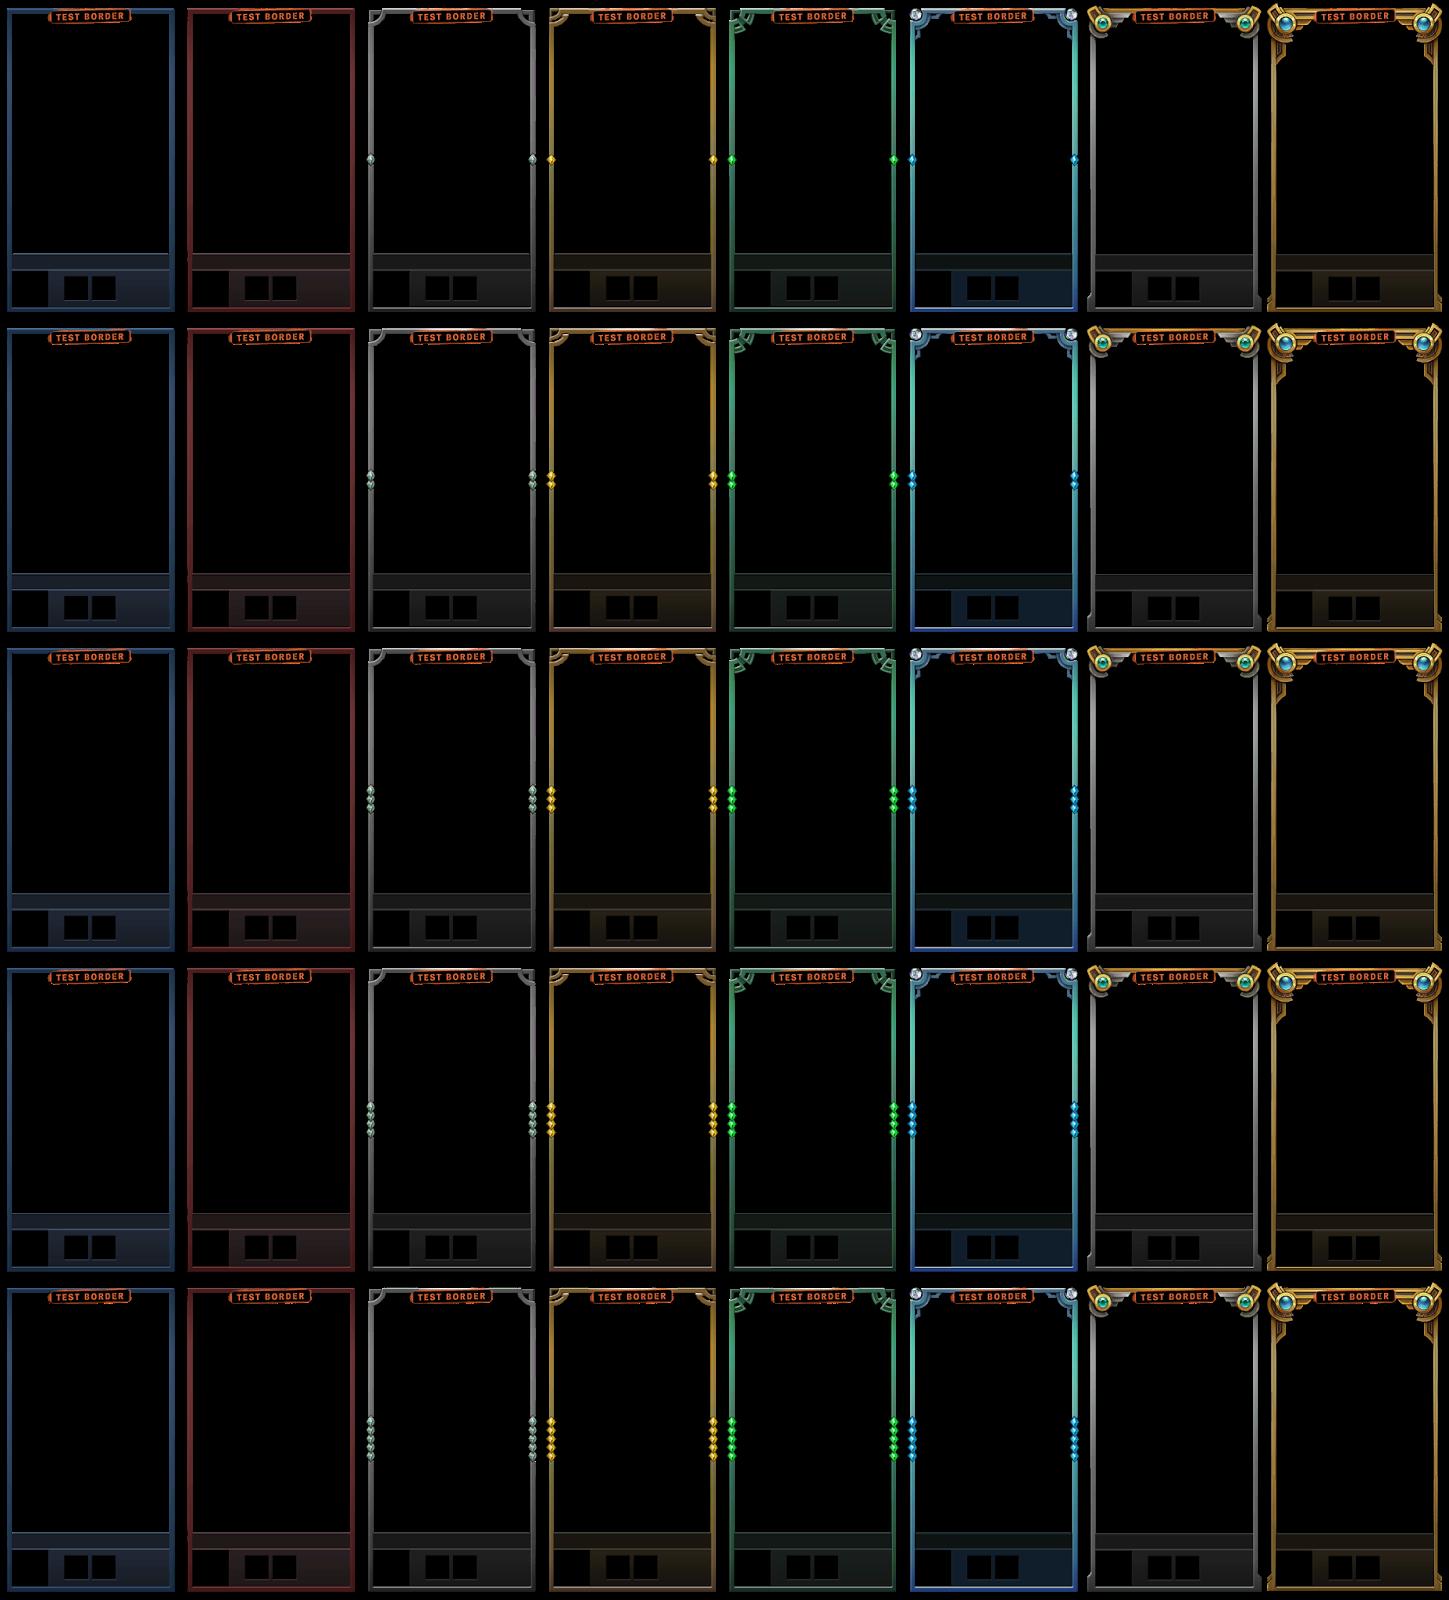 http://1.bp.blogspot.com/-OD8fWuXflr8/Vif20cqCjCI/AAAAAAAAzB8/YgaUCiaDfCk/s1600/UI_LoadScreen_Frame_05_Divisions.png